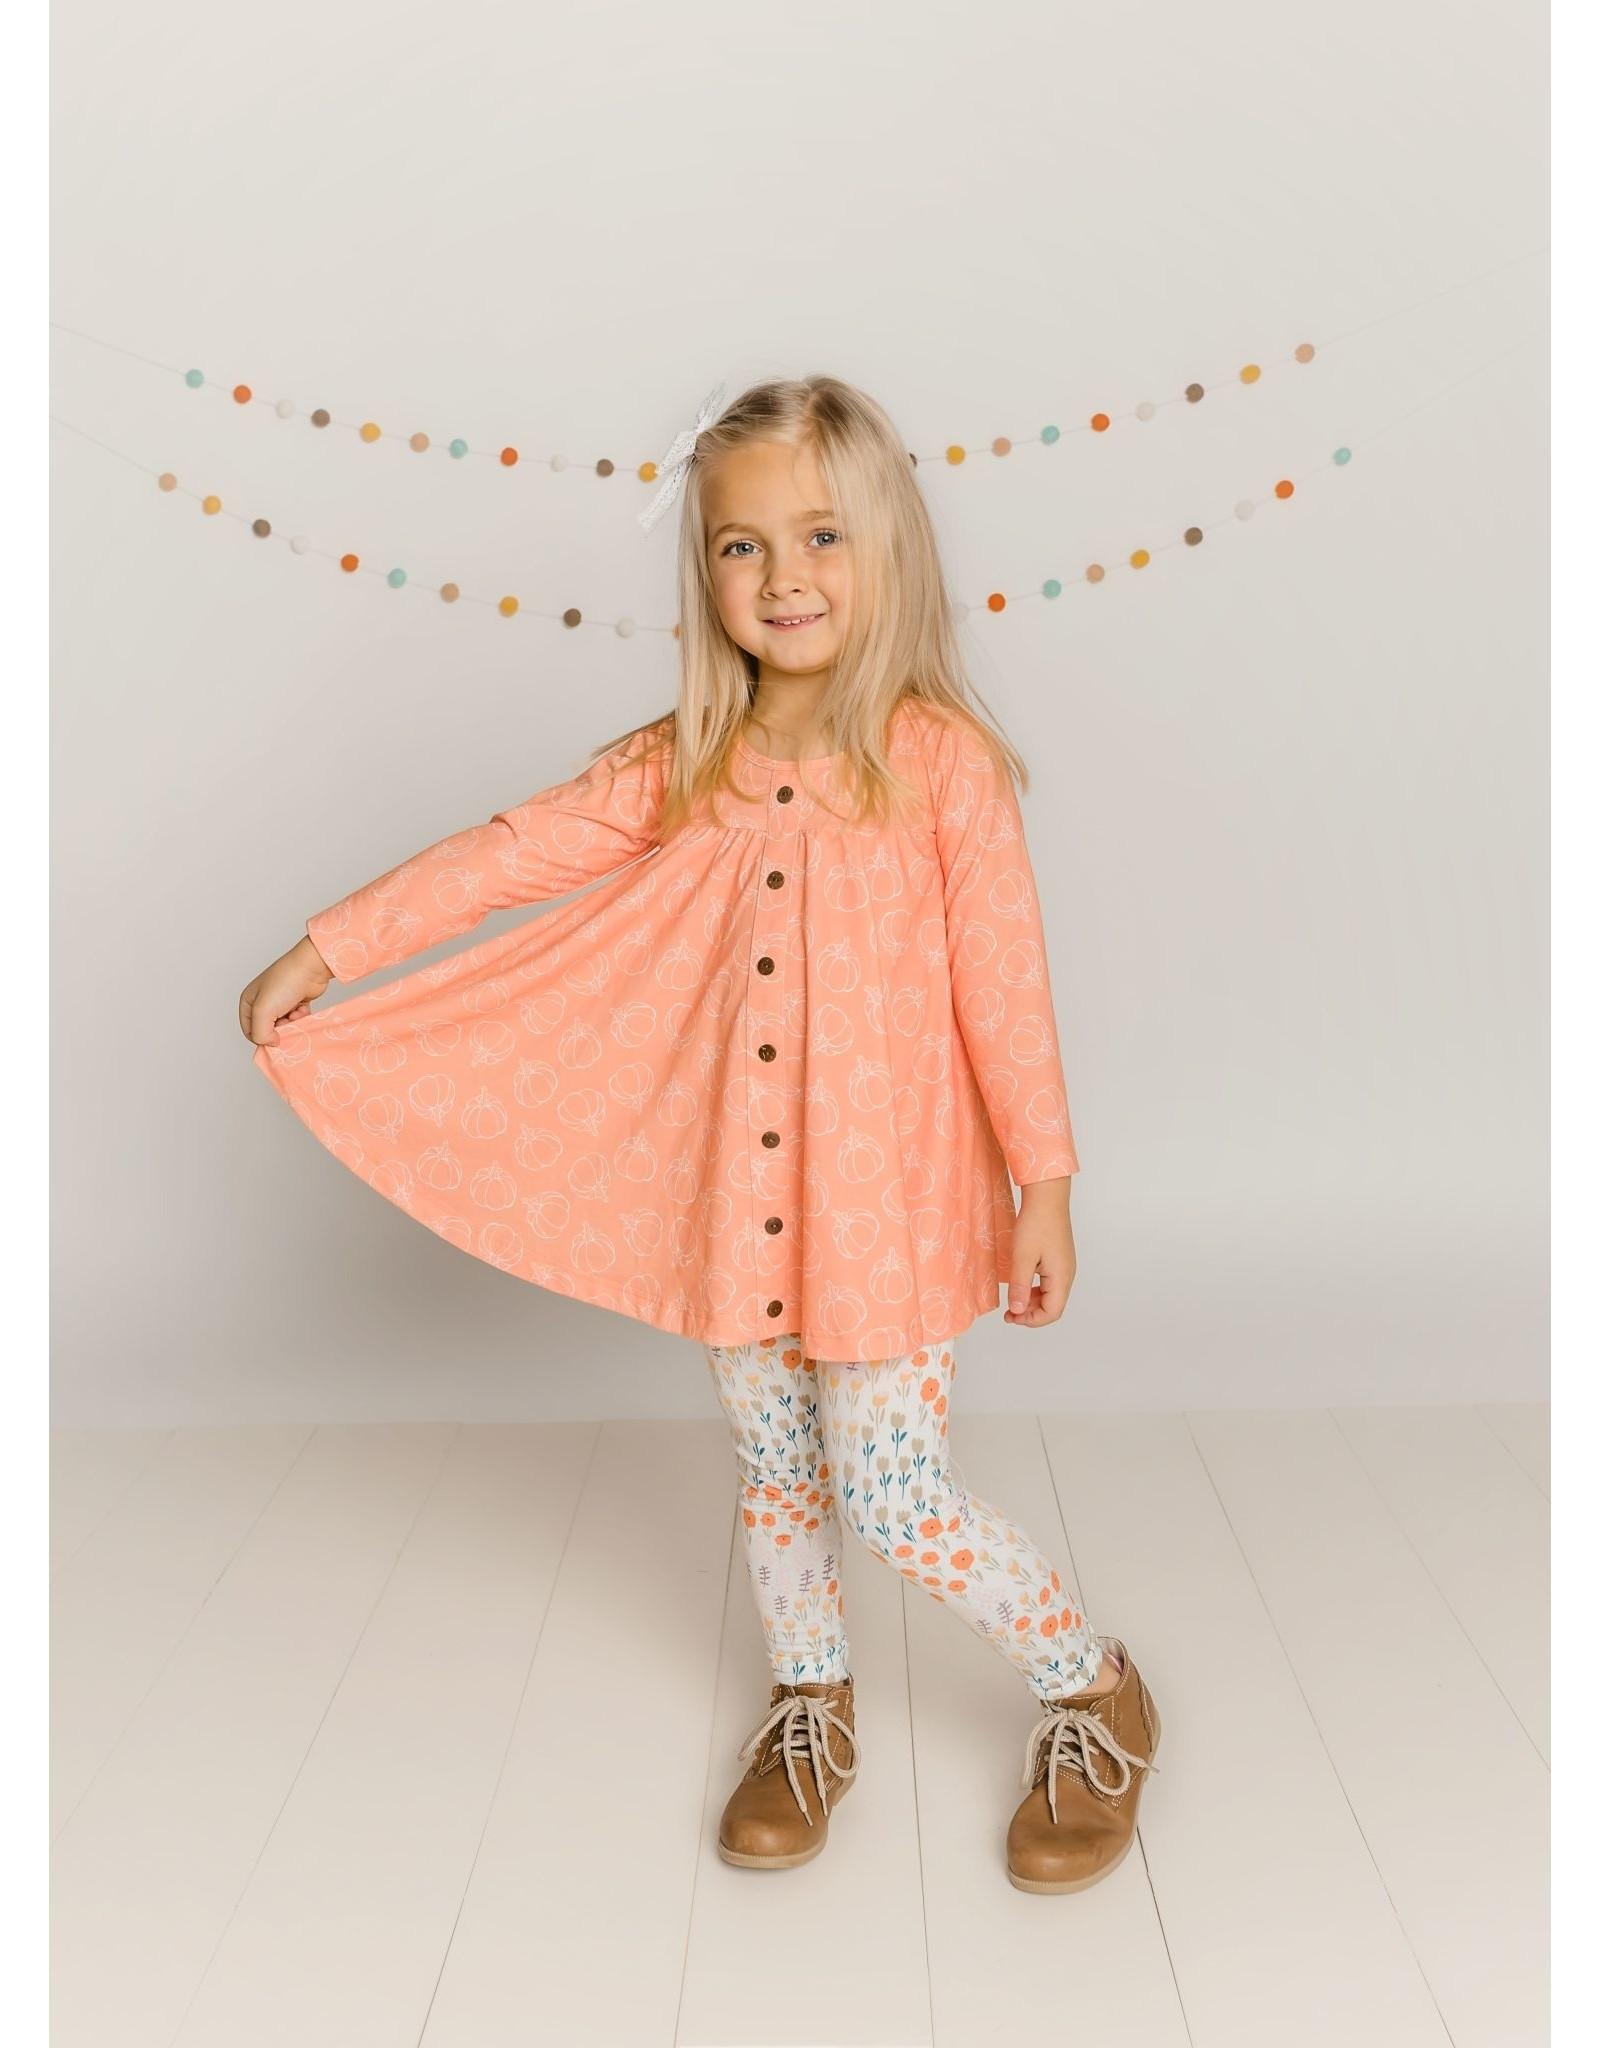 Be Girl Clothing Be Girl- Trapeze Tunic Set: Pumpkin Pie